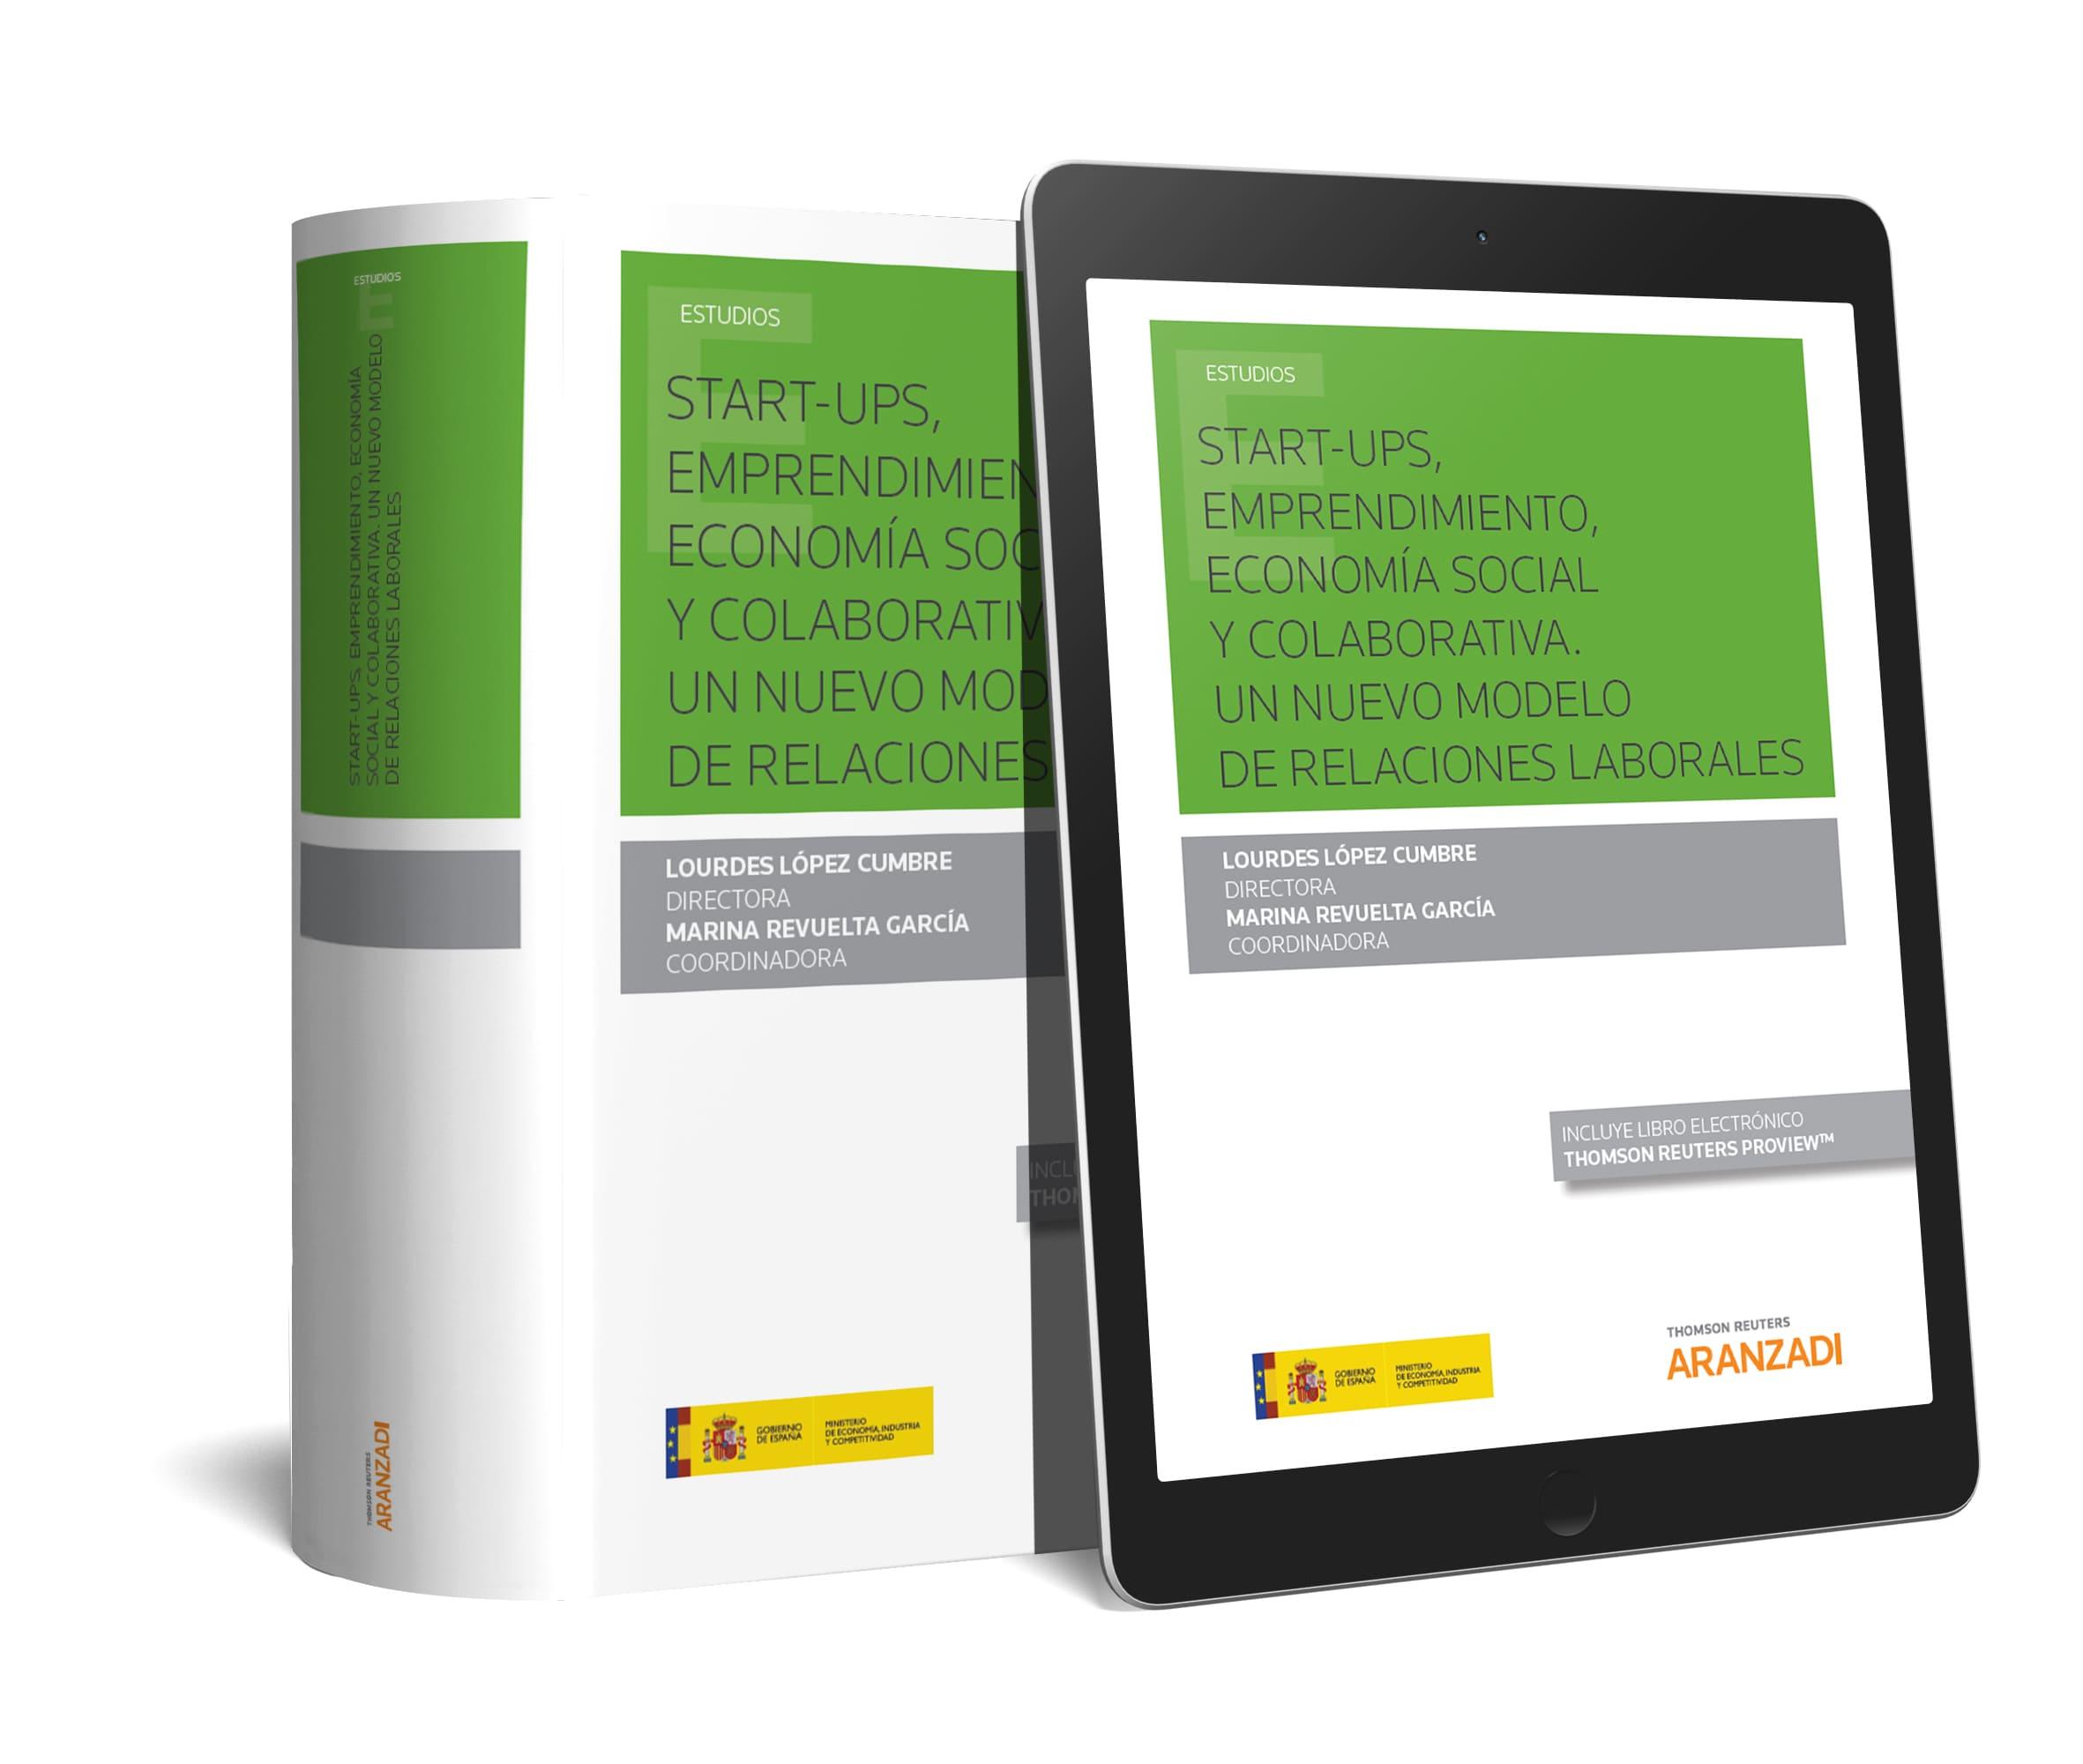 START-UPS, EMPRENDIMIENTO, ECONOMÍA SOCIAL Y COLABORATIVA (DÚO) «Un nuevo modelo de relaciones laborales»